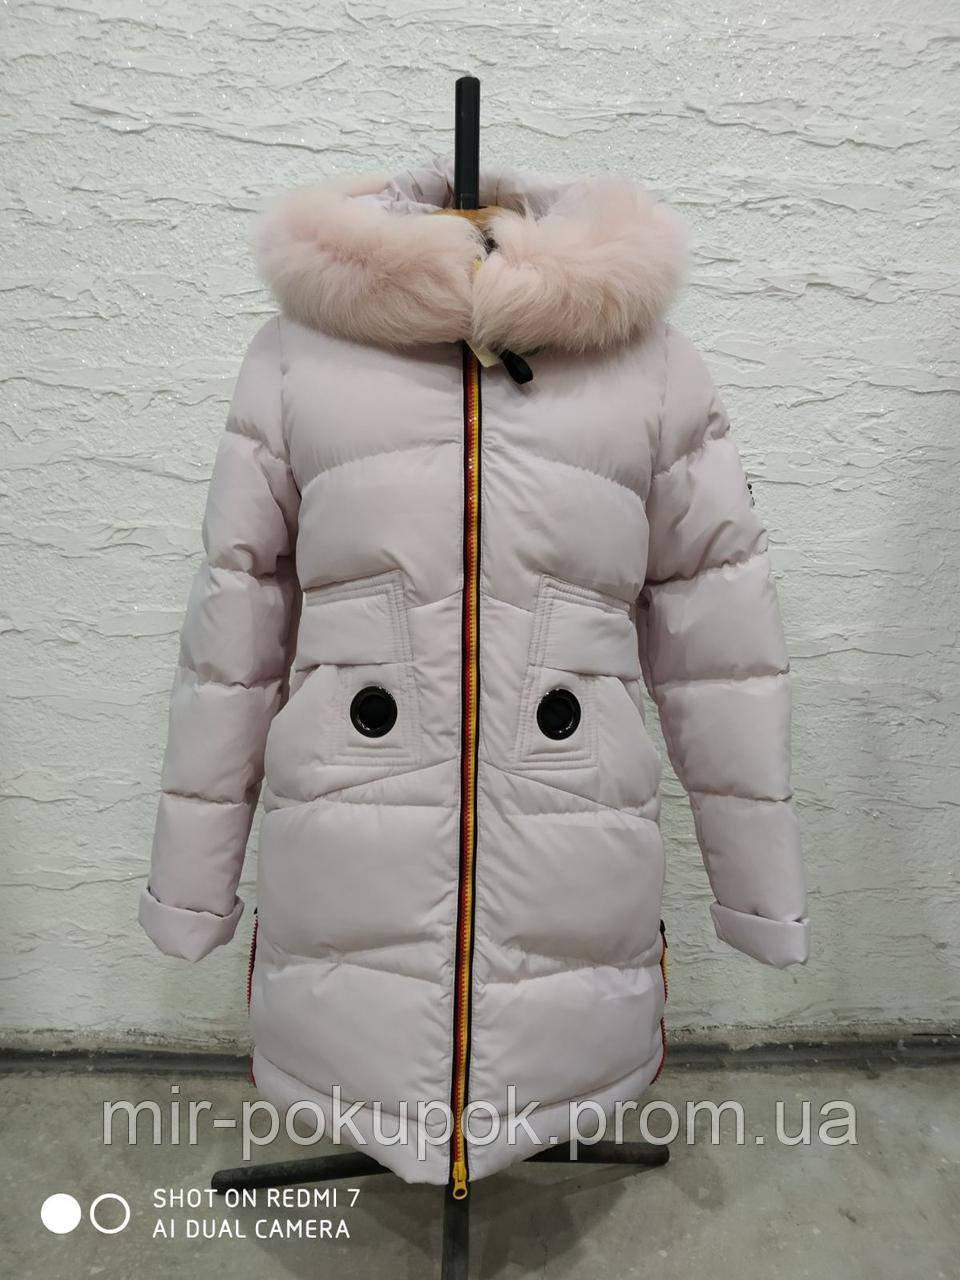 Детское зимнее пальто Жозефина-3 мех песец, фото 1